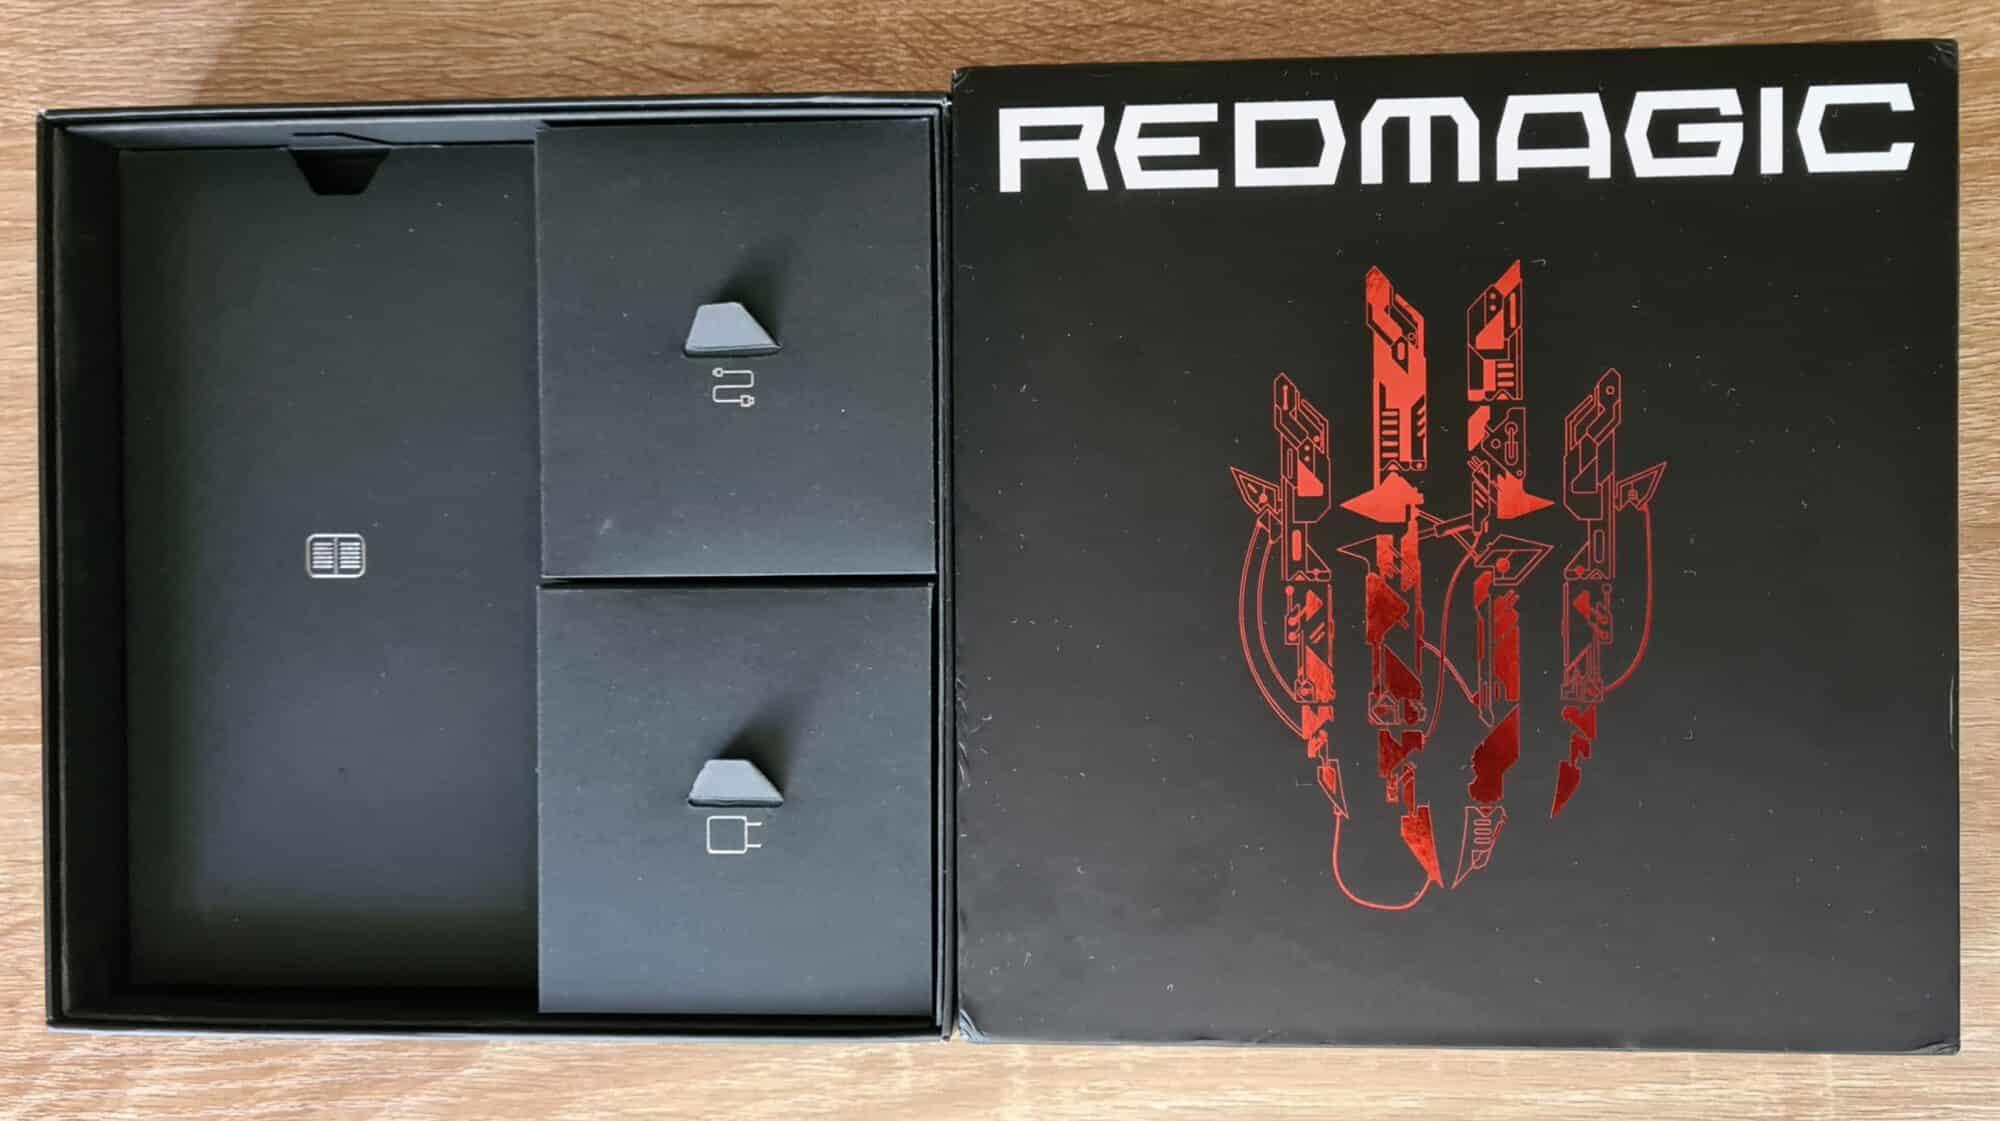 Deuxième Unboxing du RedMagic 6